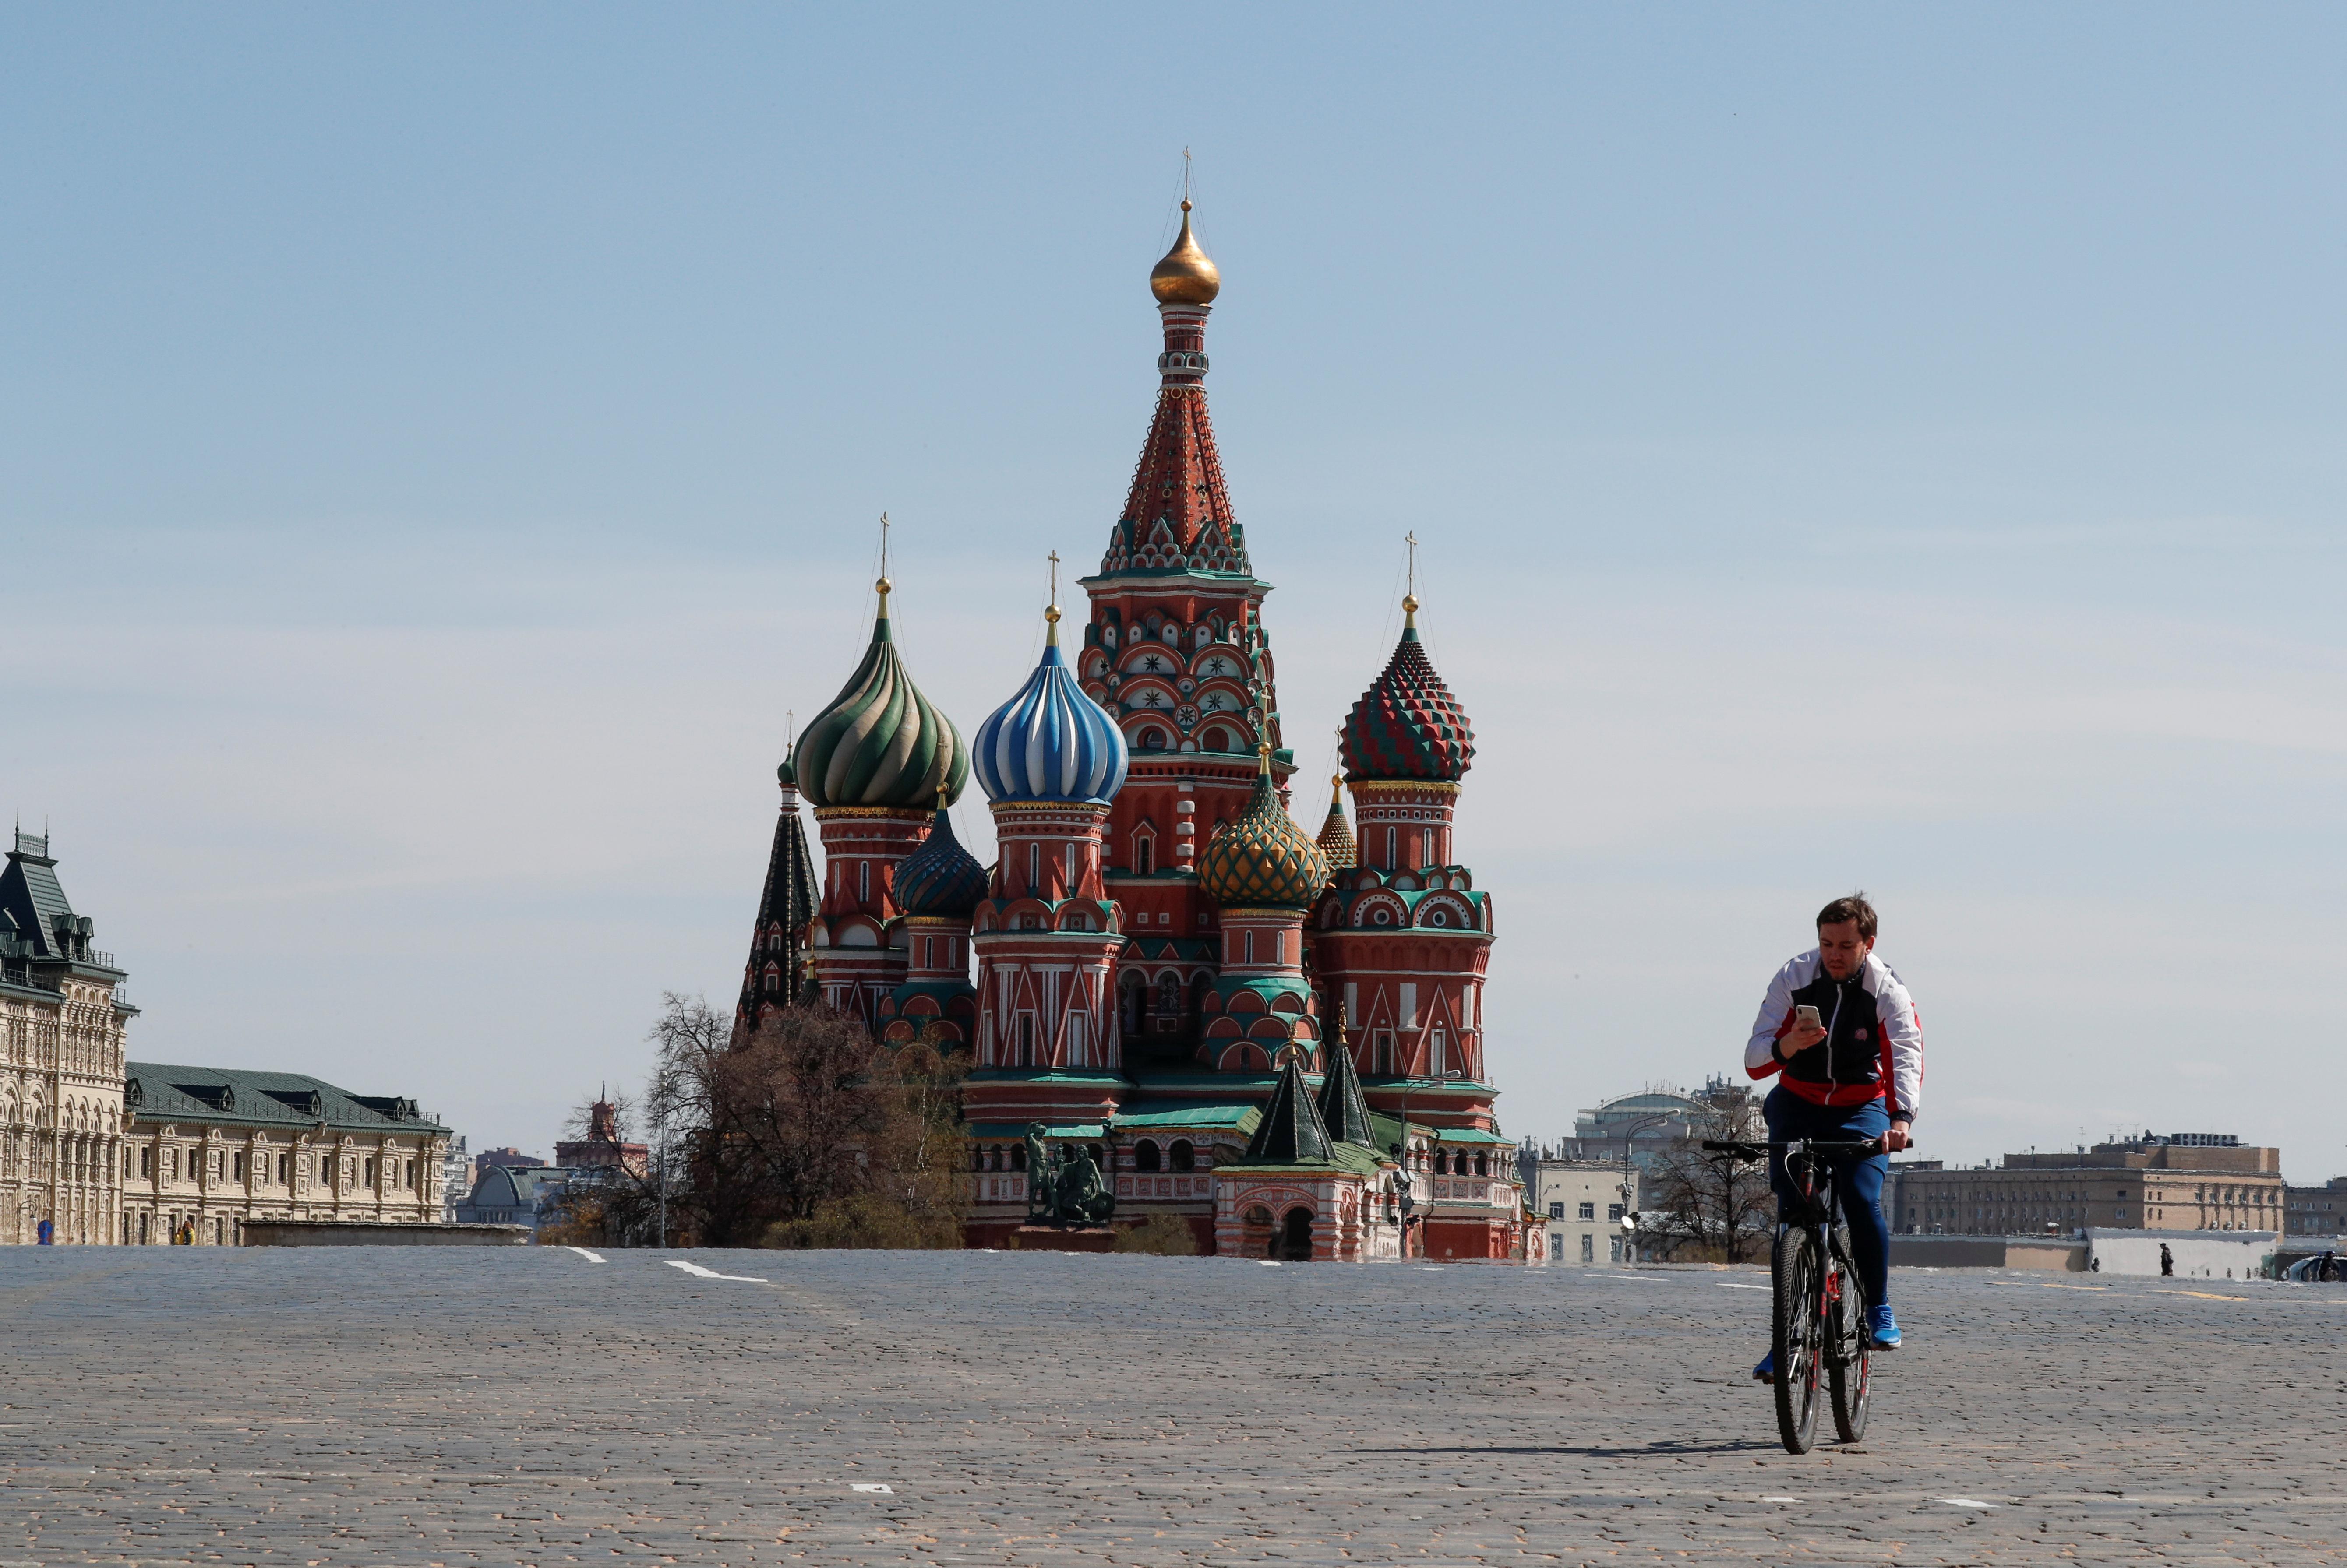 Un hombre solitario conduce su bicicleta por las calles de Moscú (REUTERS/Shamil Zhumatov)